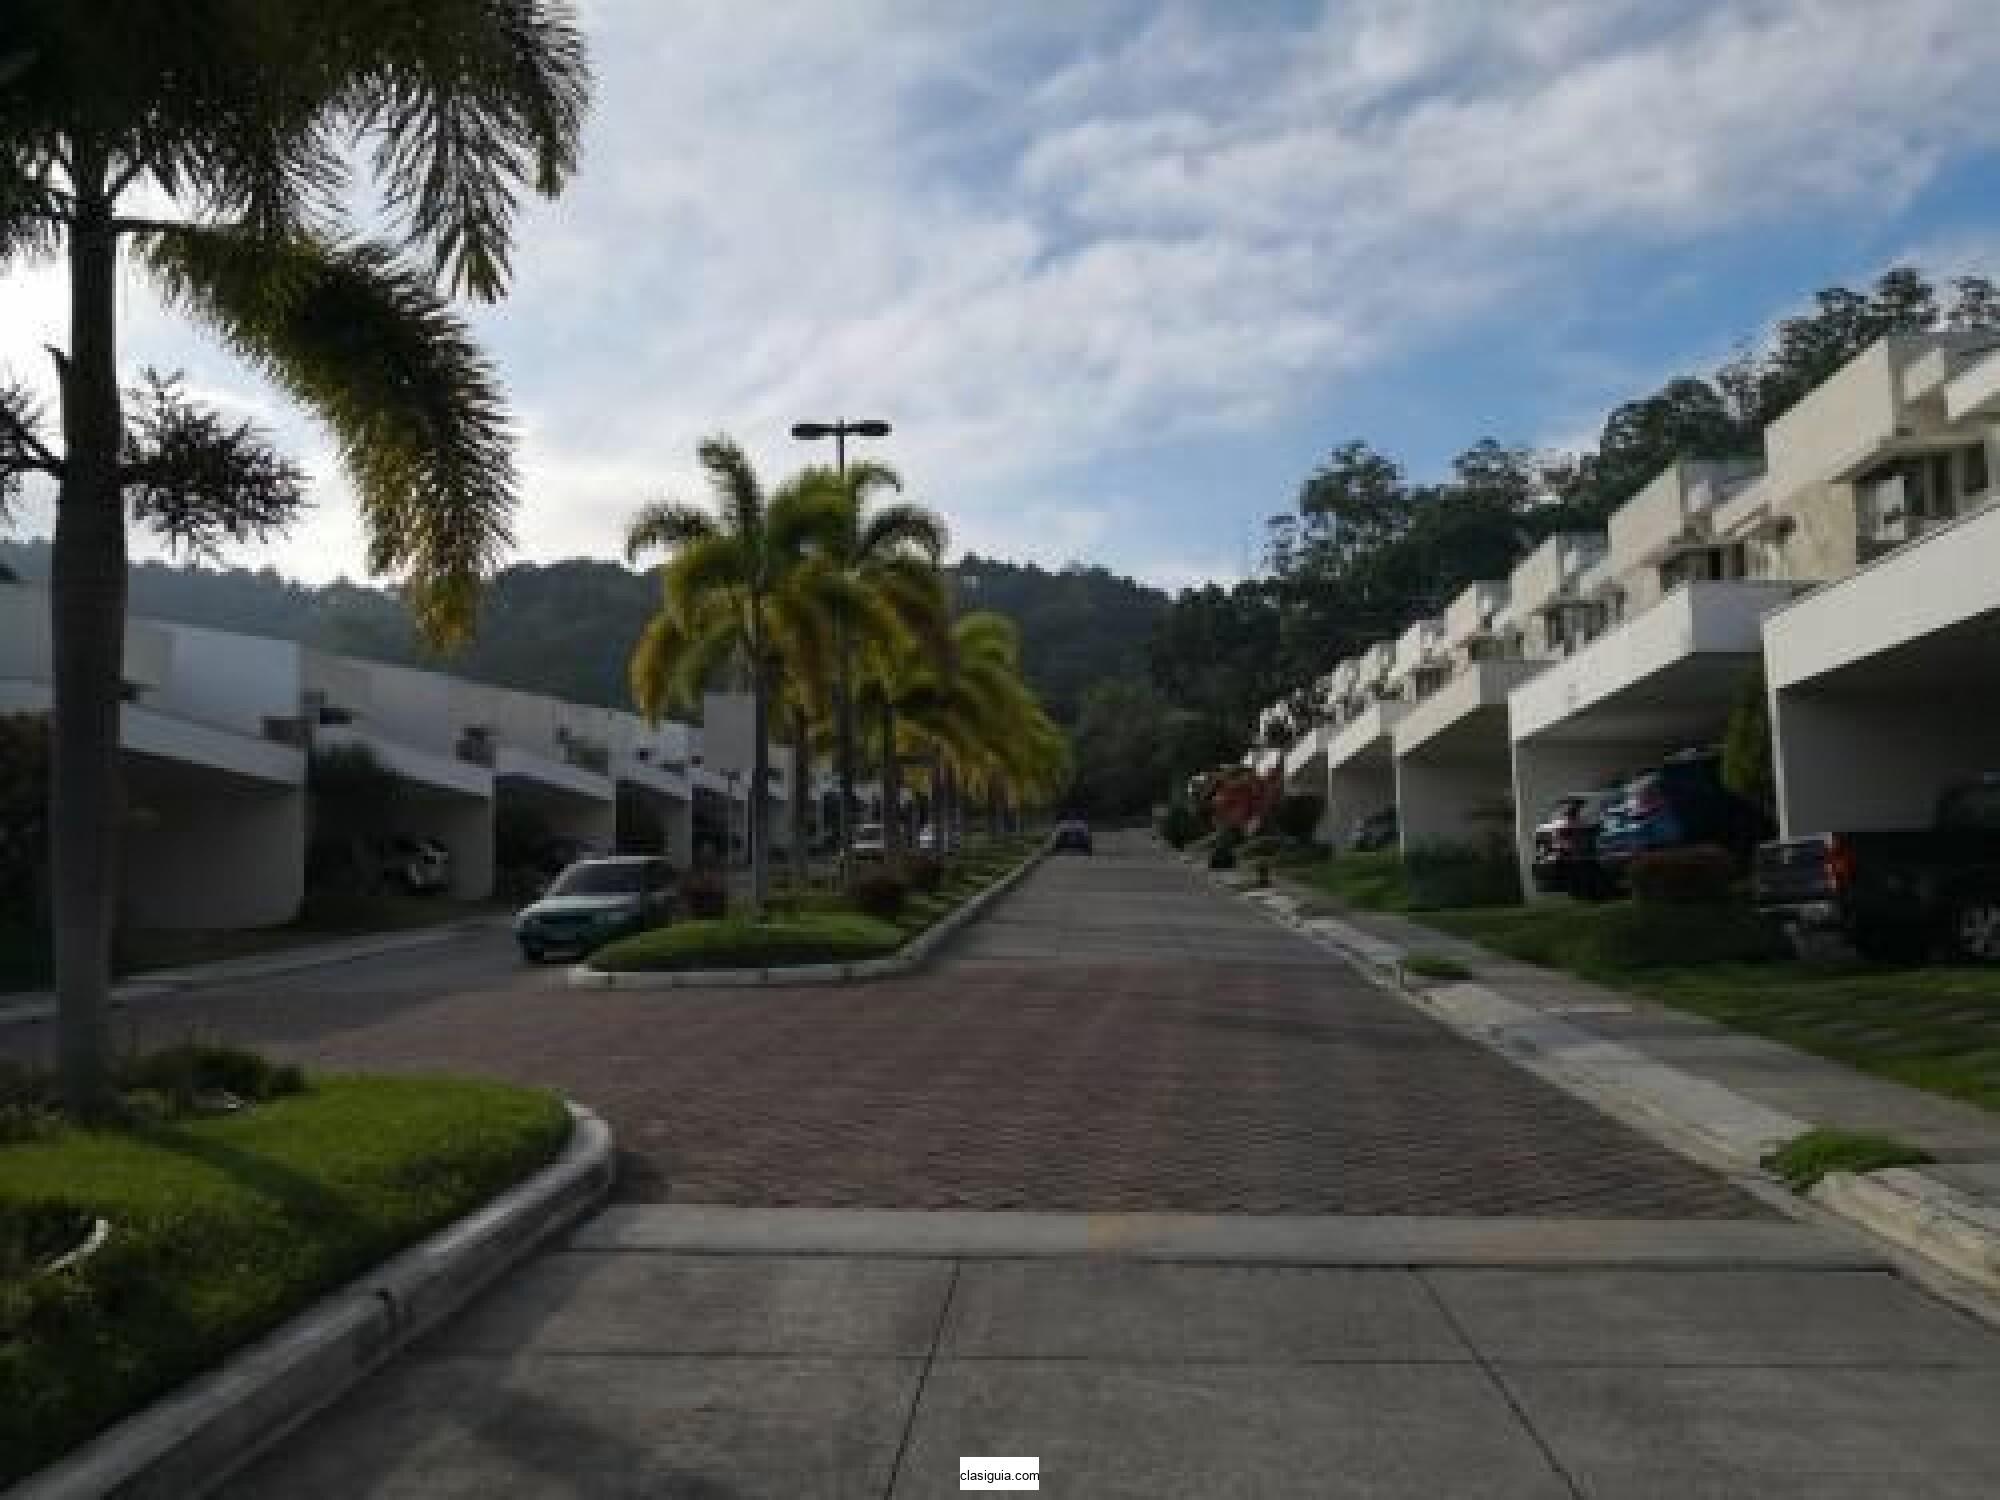 SE VENDE CASA EN CONDADO SANTA ELENA, MODERNA, PRIVADO, TIENE 278 mts2 de construccion y 500 v2 de terreno